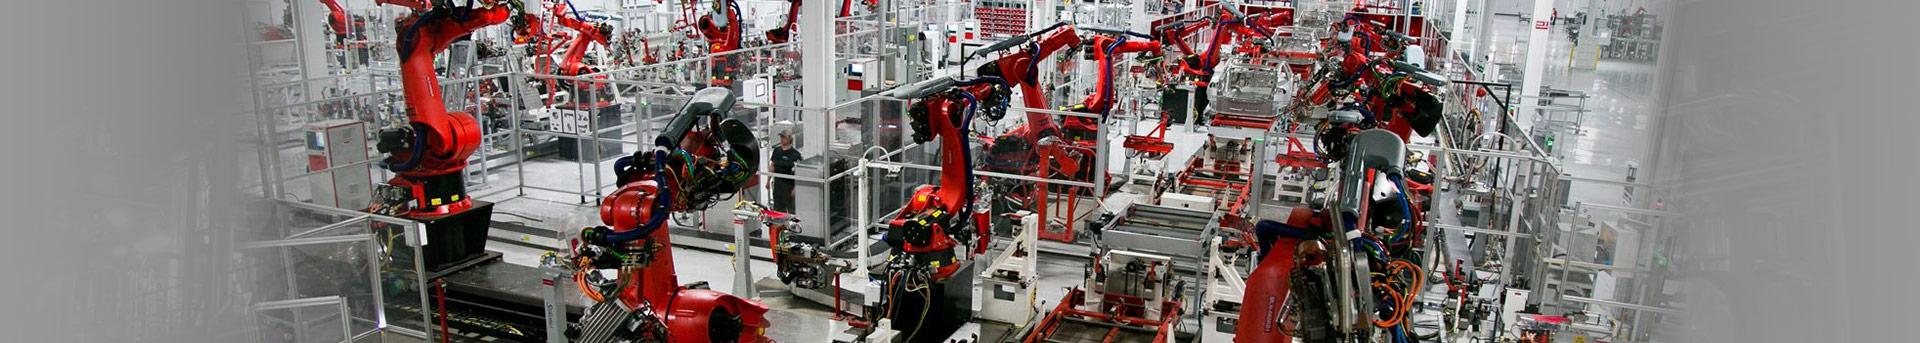 Automobilový průmysl